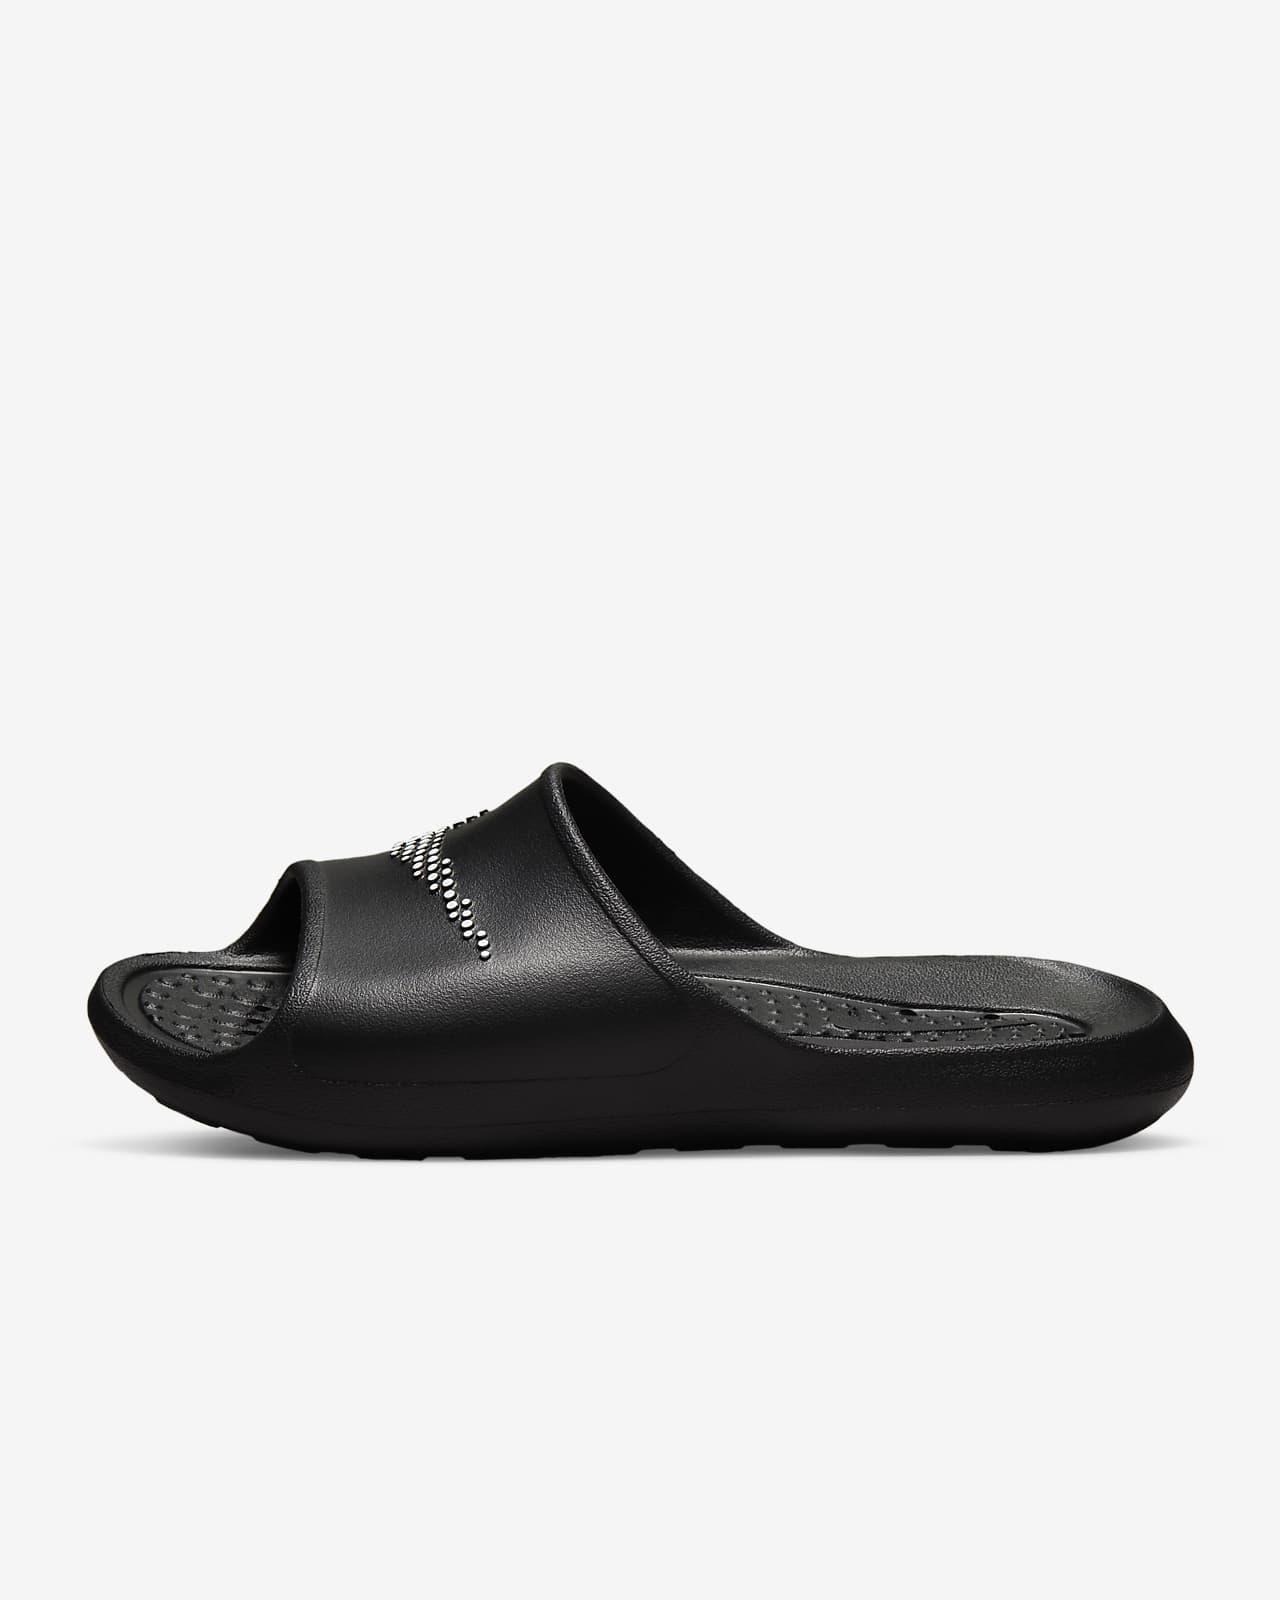 รองเท้าแตะผู้ชายสำหรับอาบน้ำ Nike Victori One